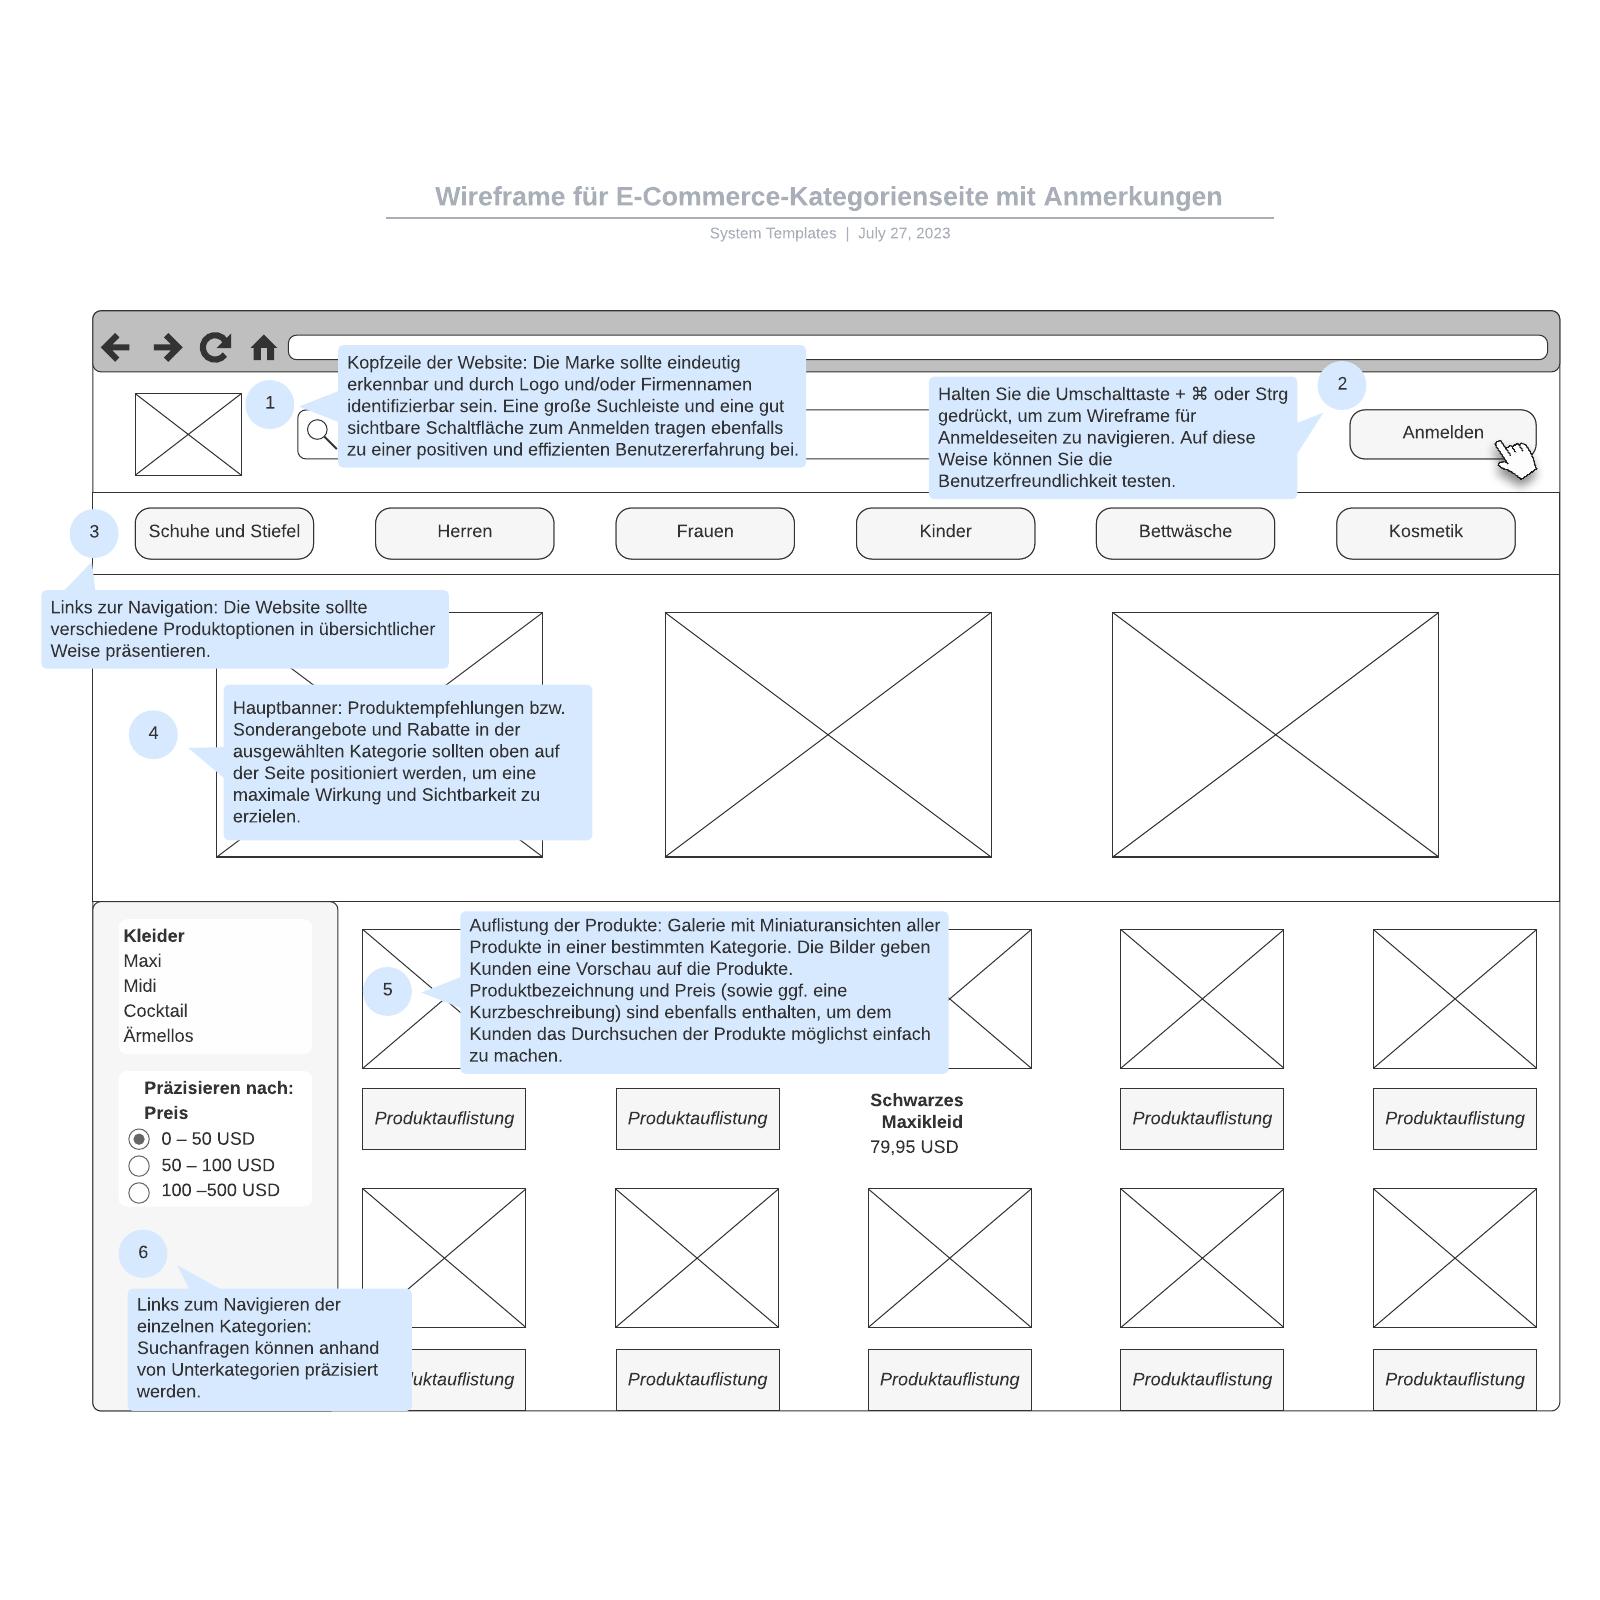 E-Commerce-Kategorienseite Wireframe mit Anmerkungen